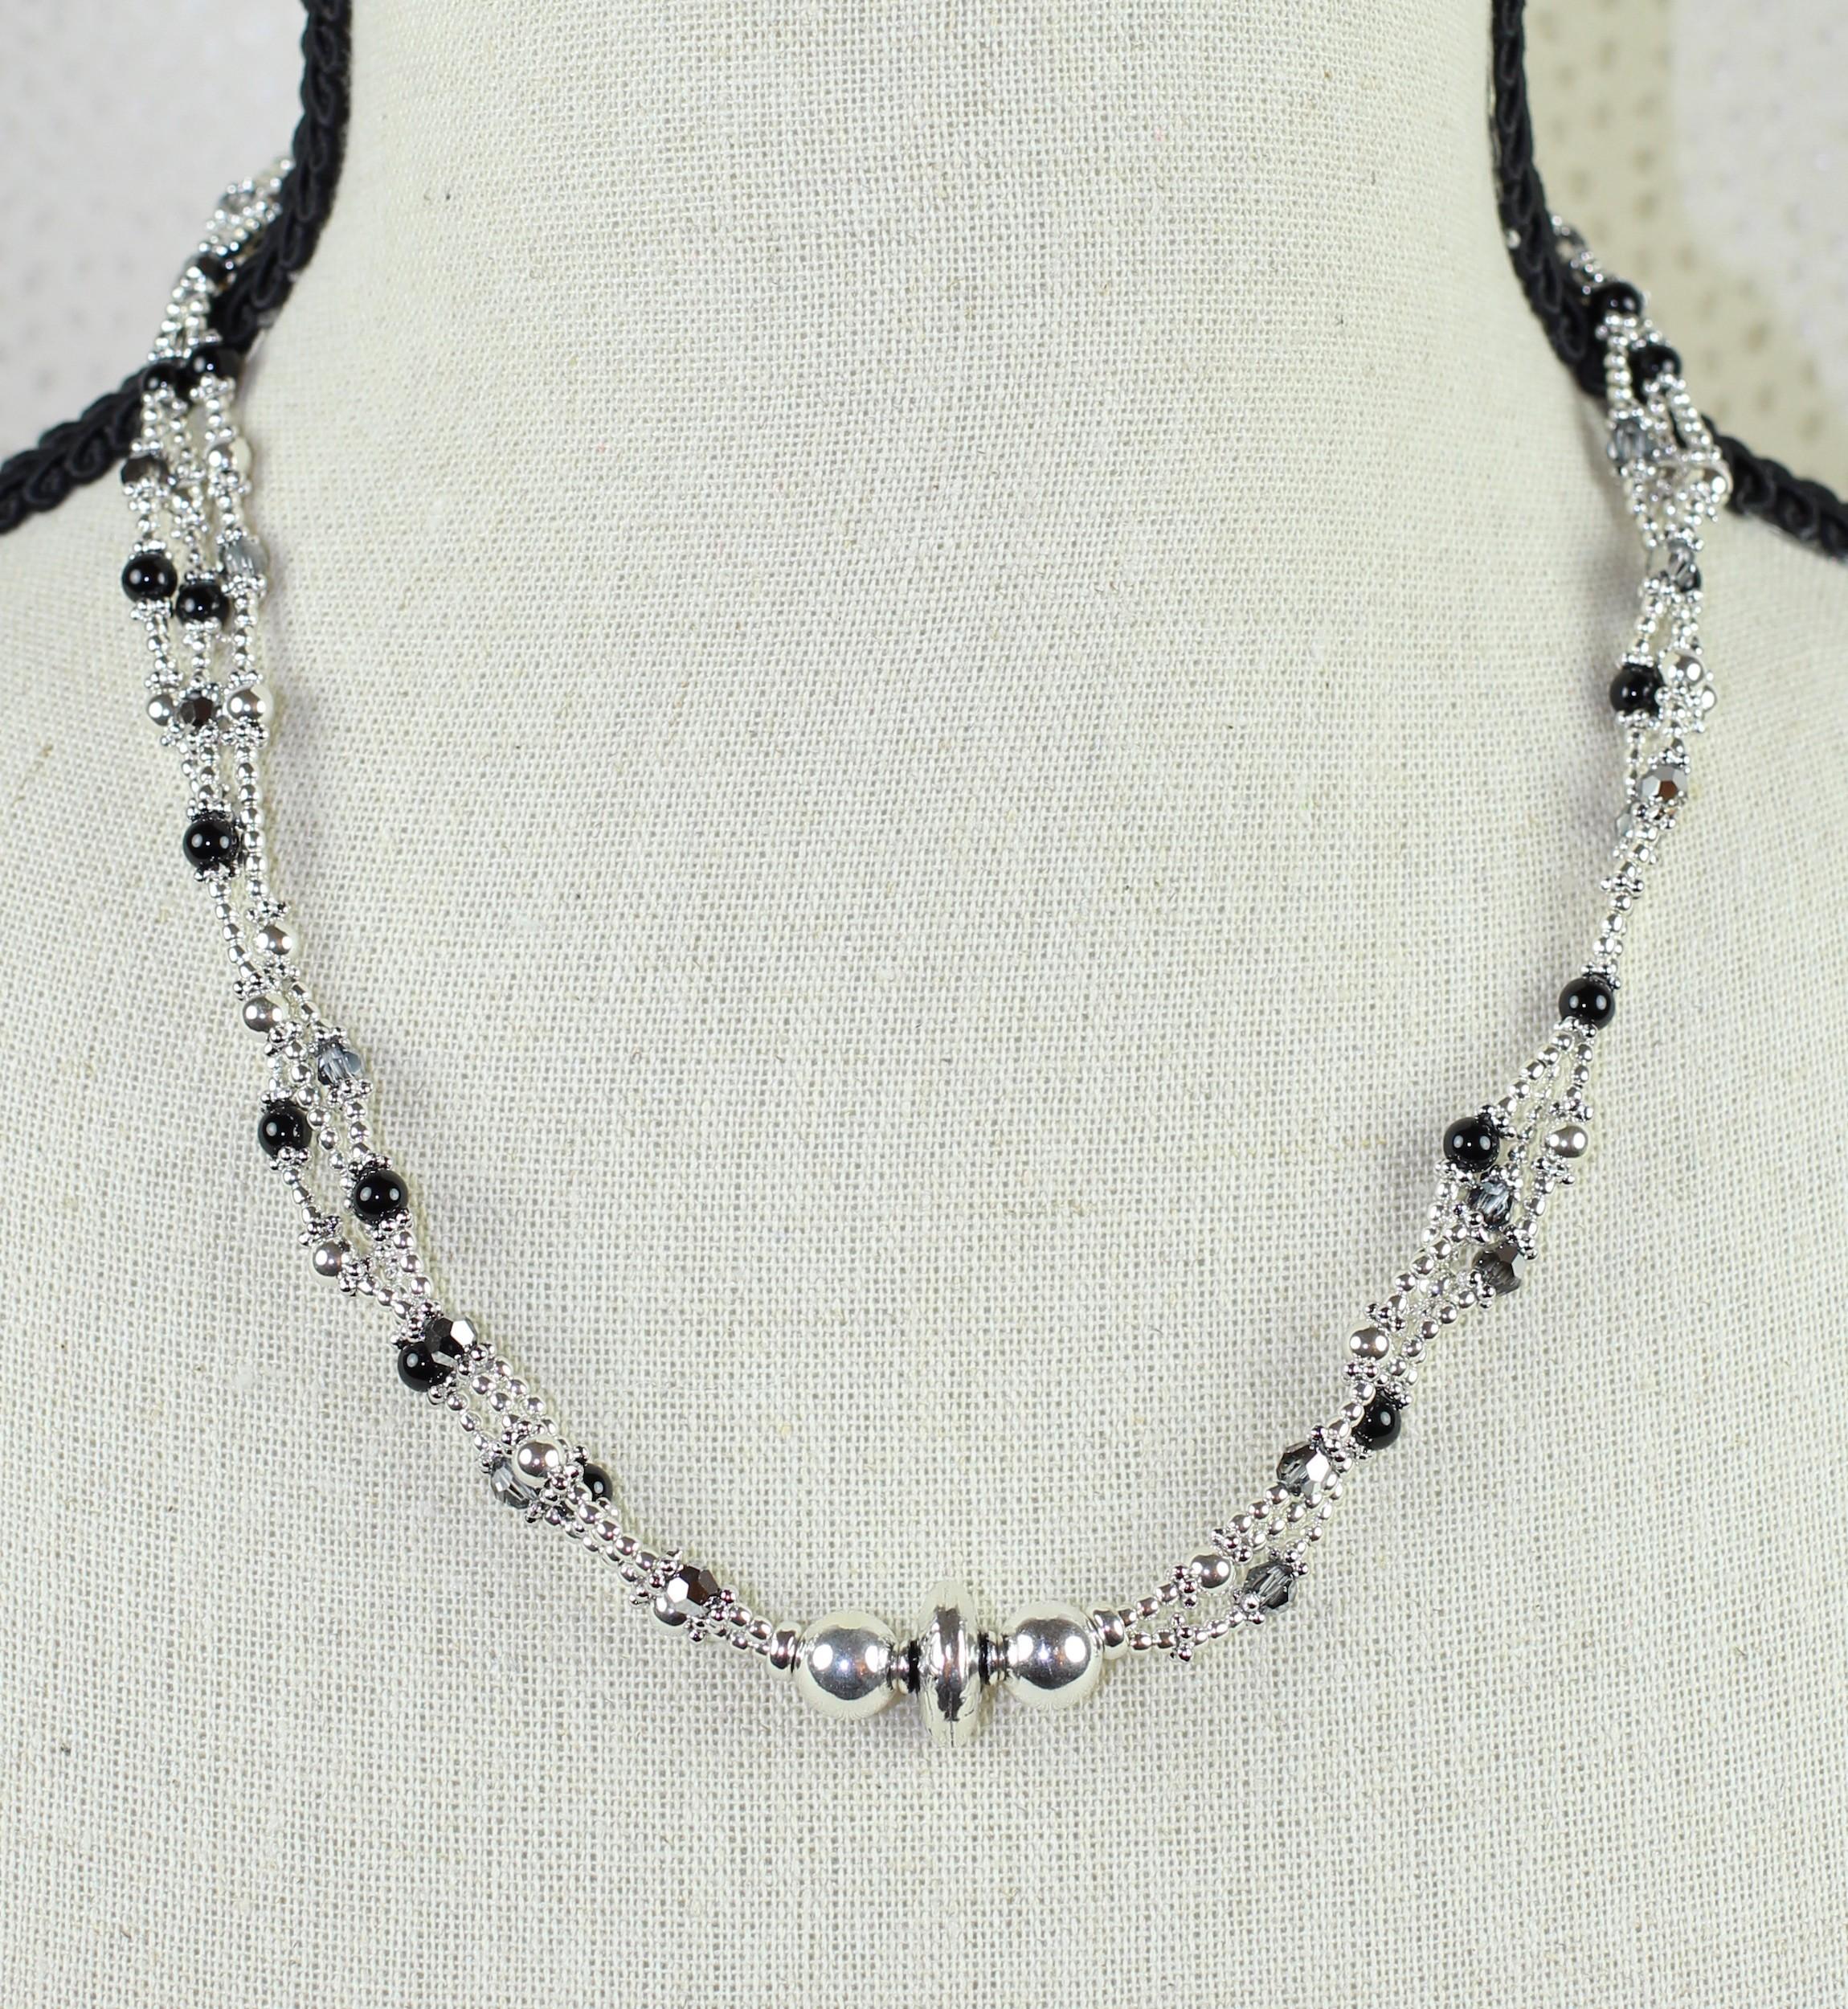 collier en perles d 39 onyx cristal de swarowski et argent 925. Black Bedroom Furniture Sets. Home Design Ideas